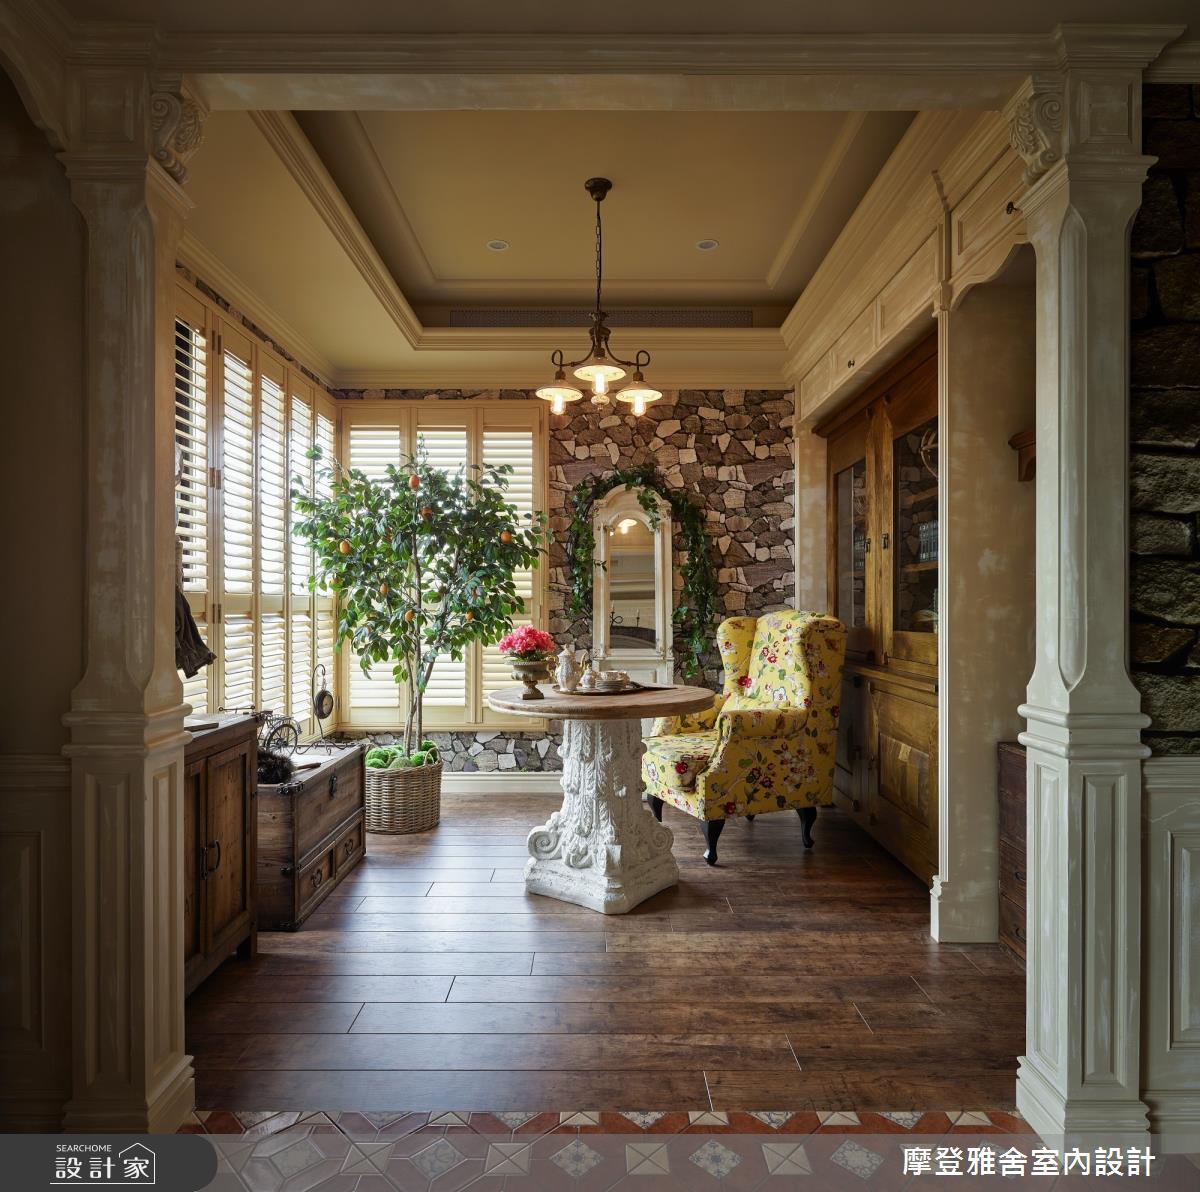 30坪新成屋(5年以下)_鄉村風客廳案例圖片_摩登雅舍室內設計_摩登雅舍_79之20